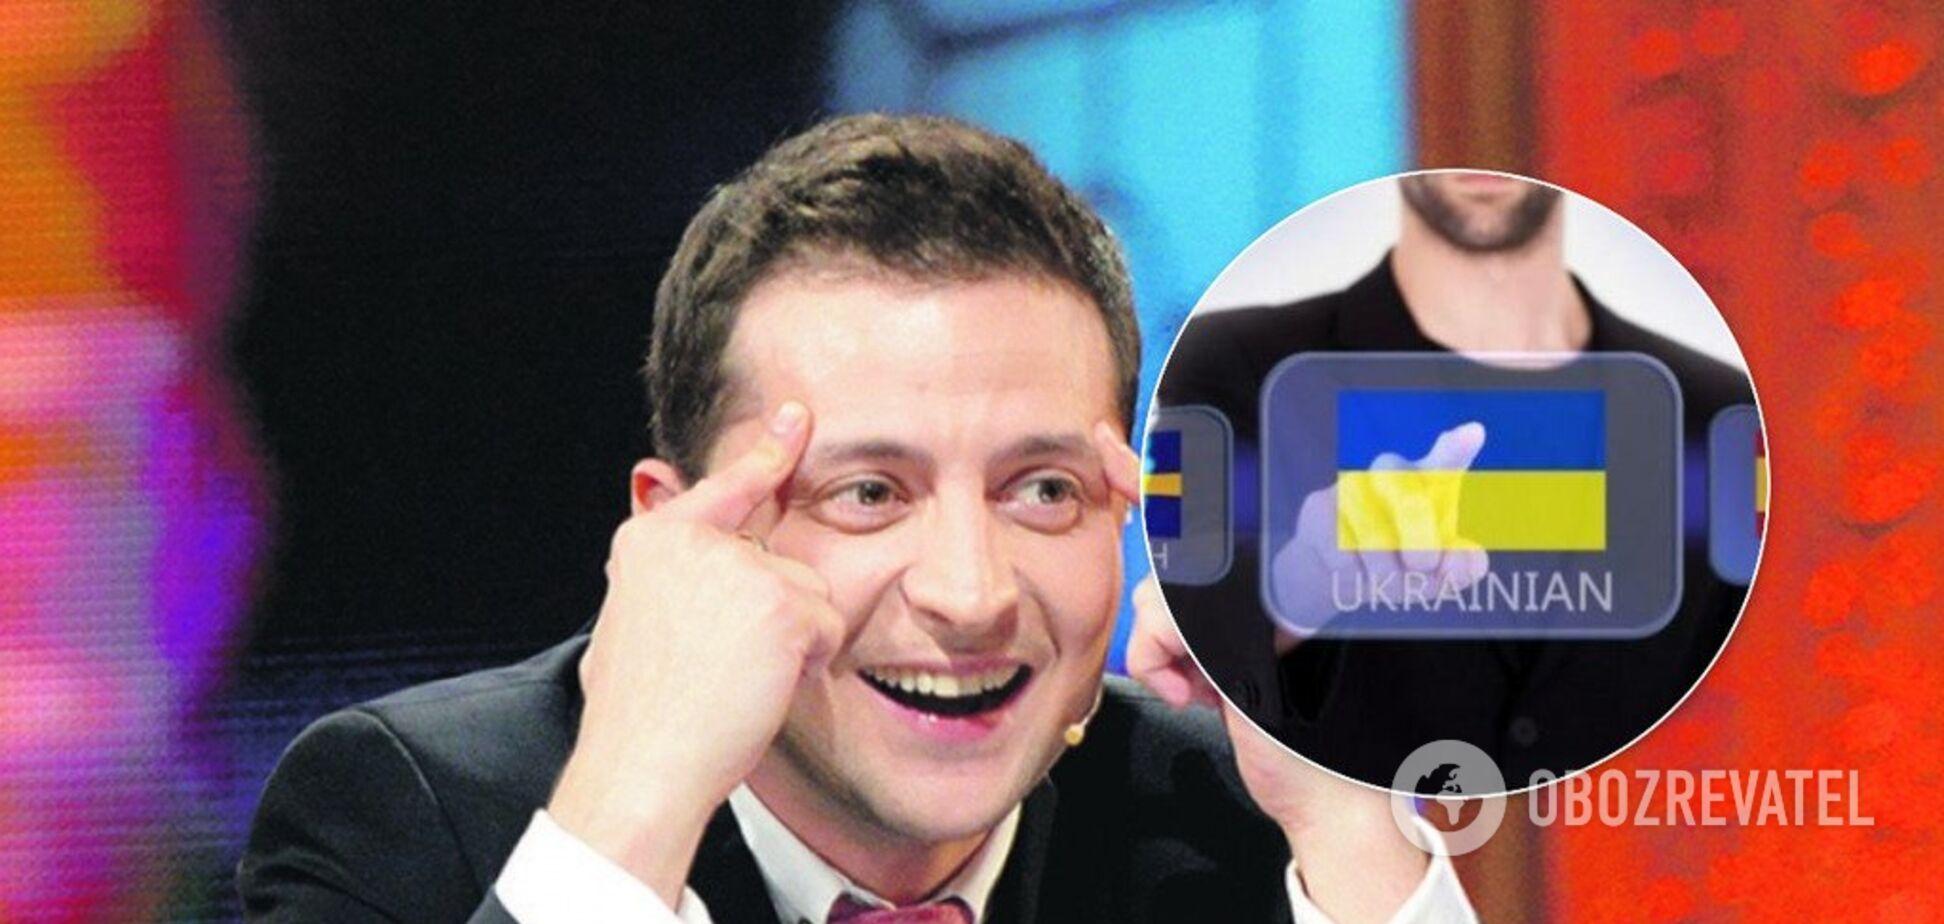 Зеленський хоче вчити українську мову: хто може допомогти майбутньому президенту